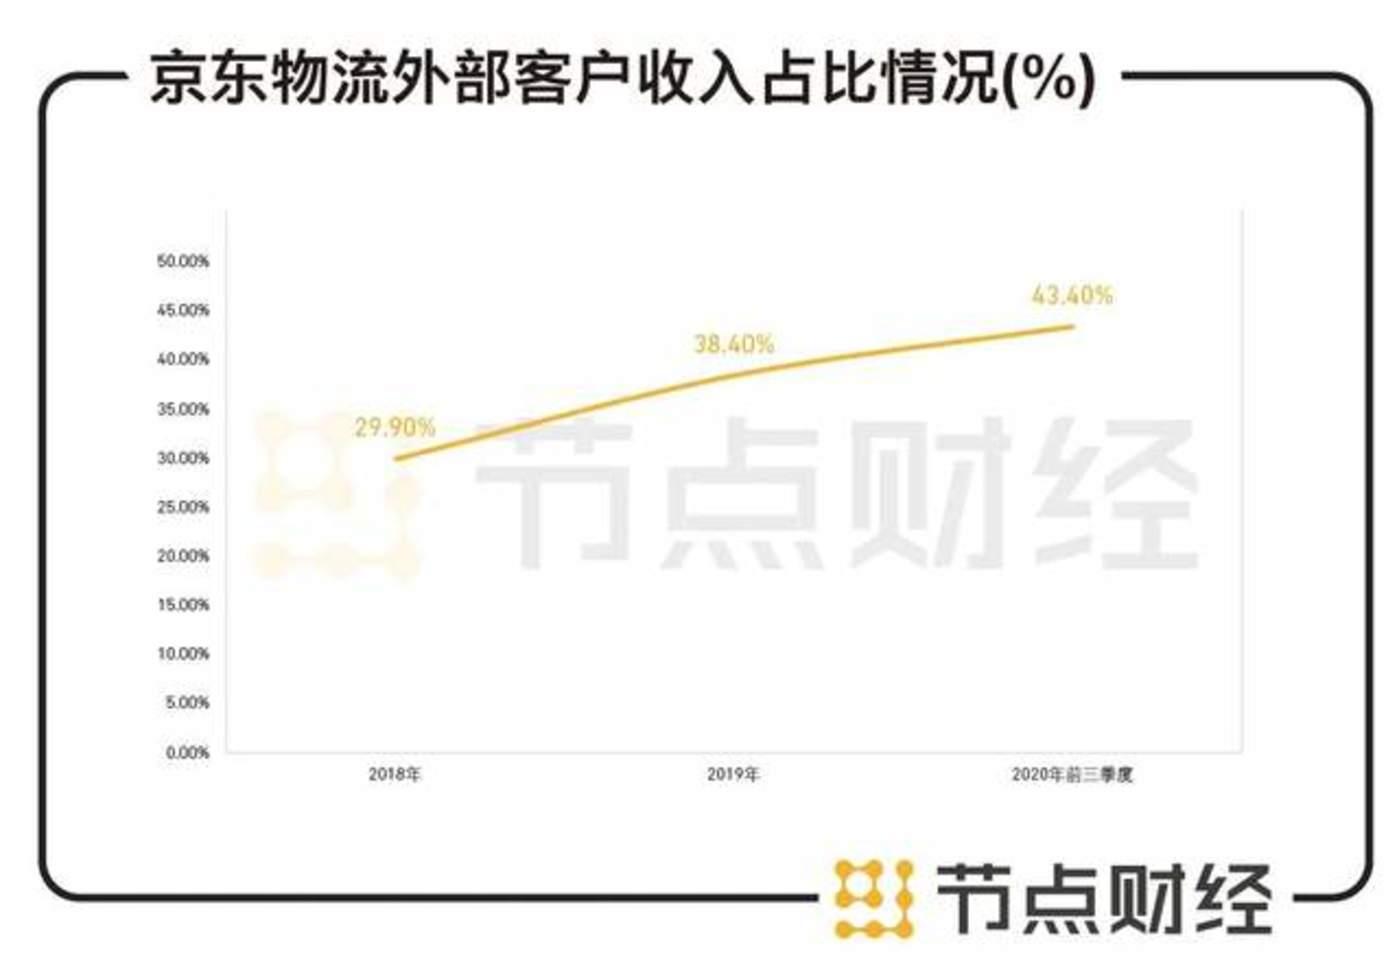 数据来源:京东物流招股书